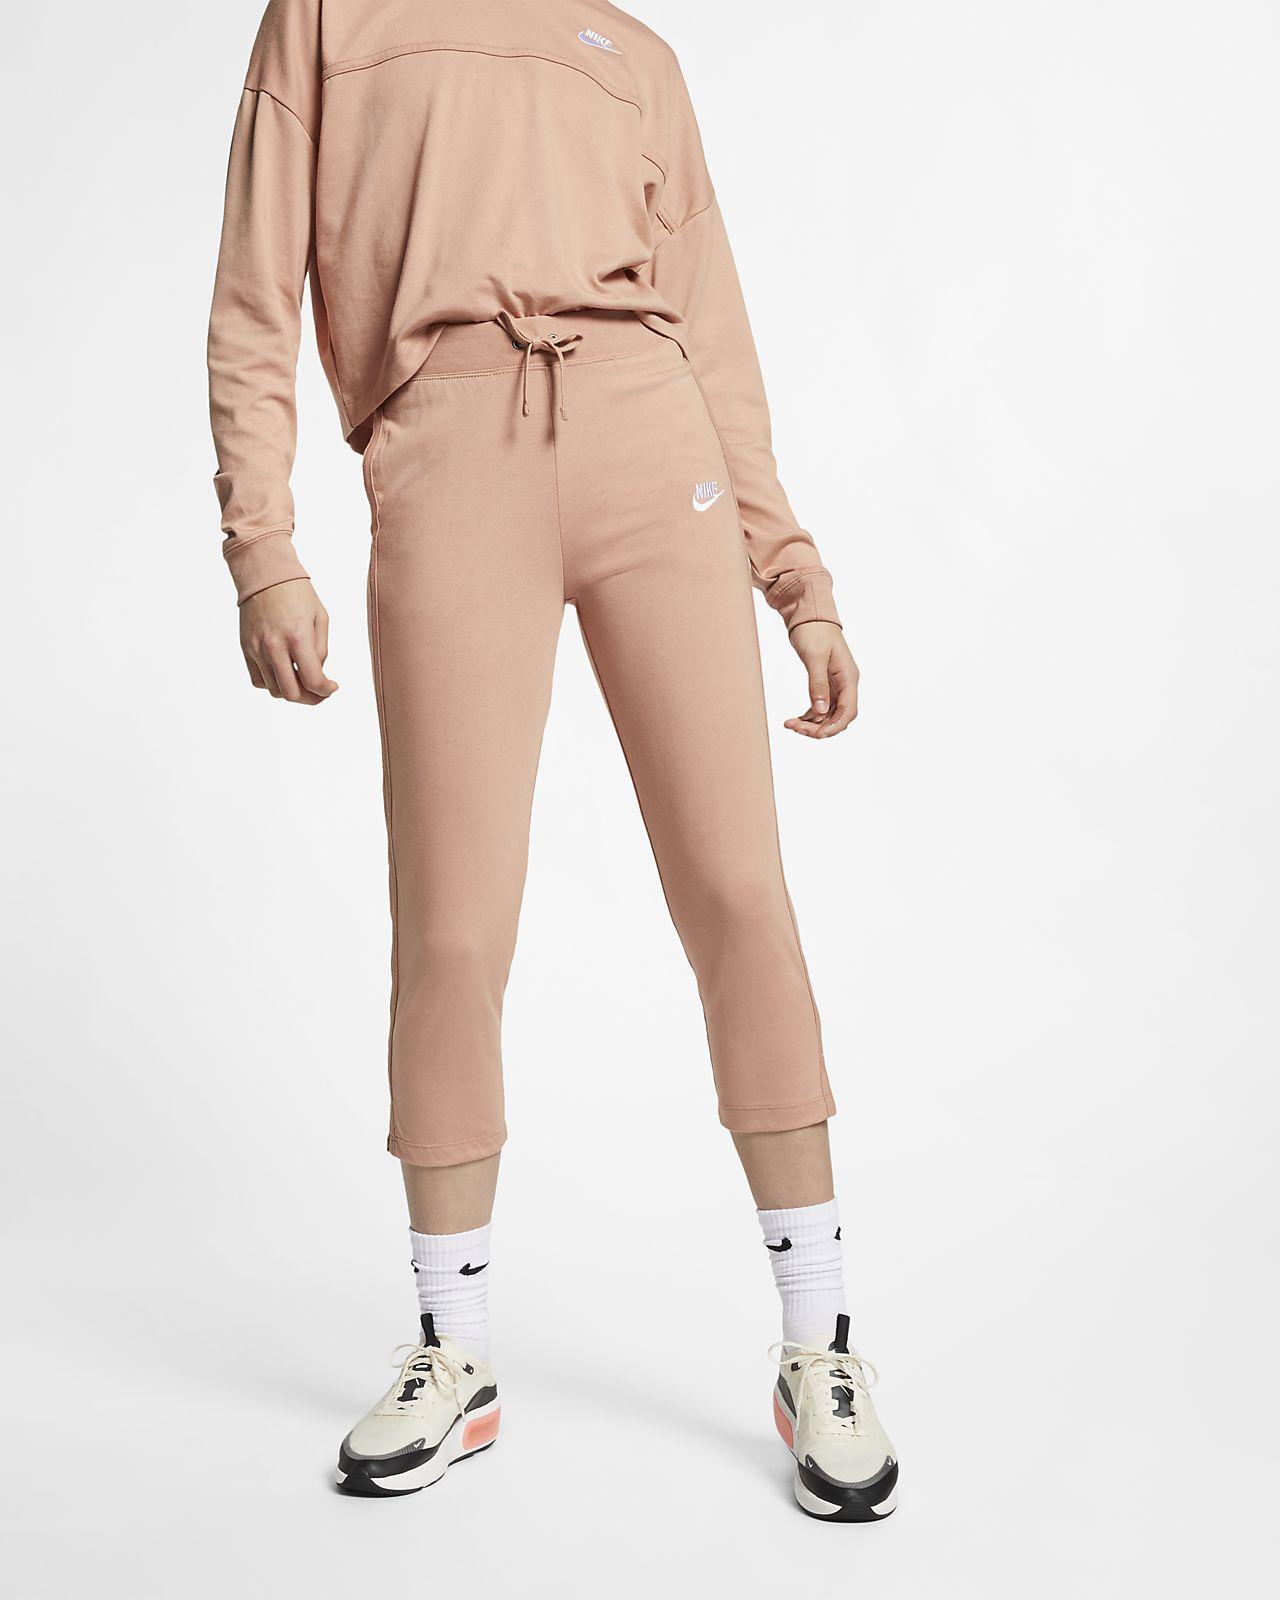 Nike Sportswear Women's Jersey Capris